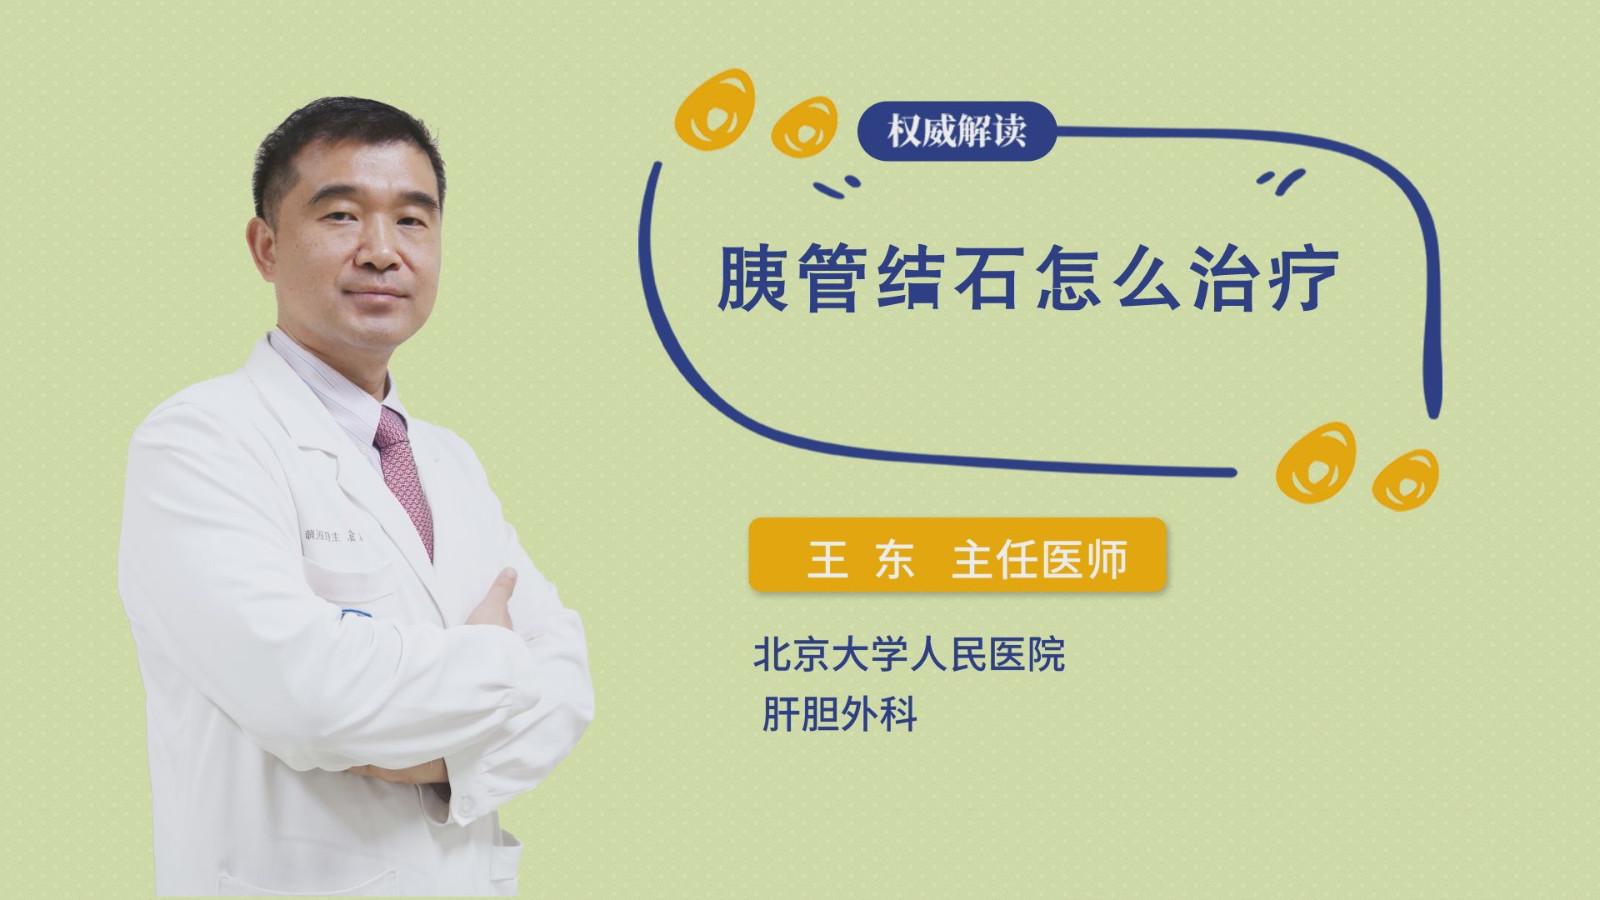 胰管结石怎么治疗